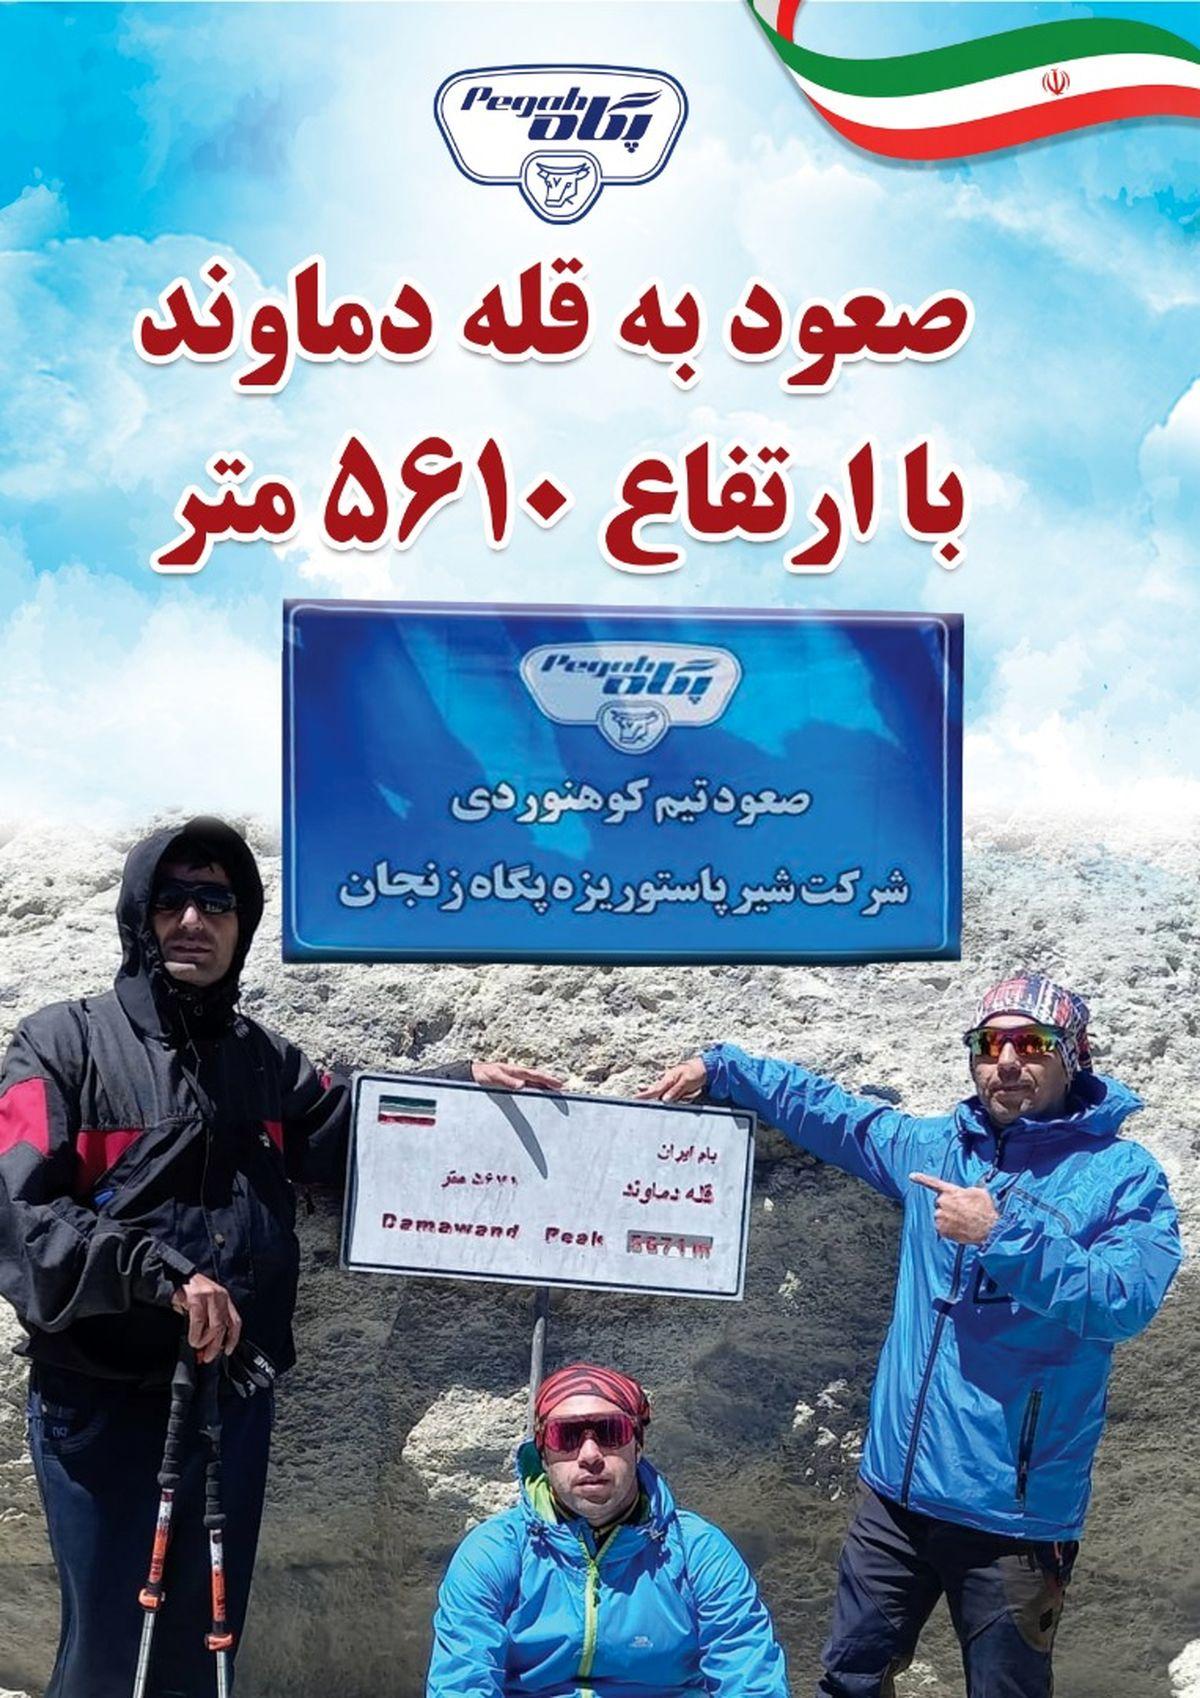 اهتراز پرچم پگاه بر بام ایران